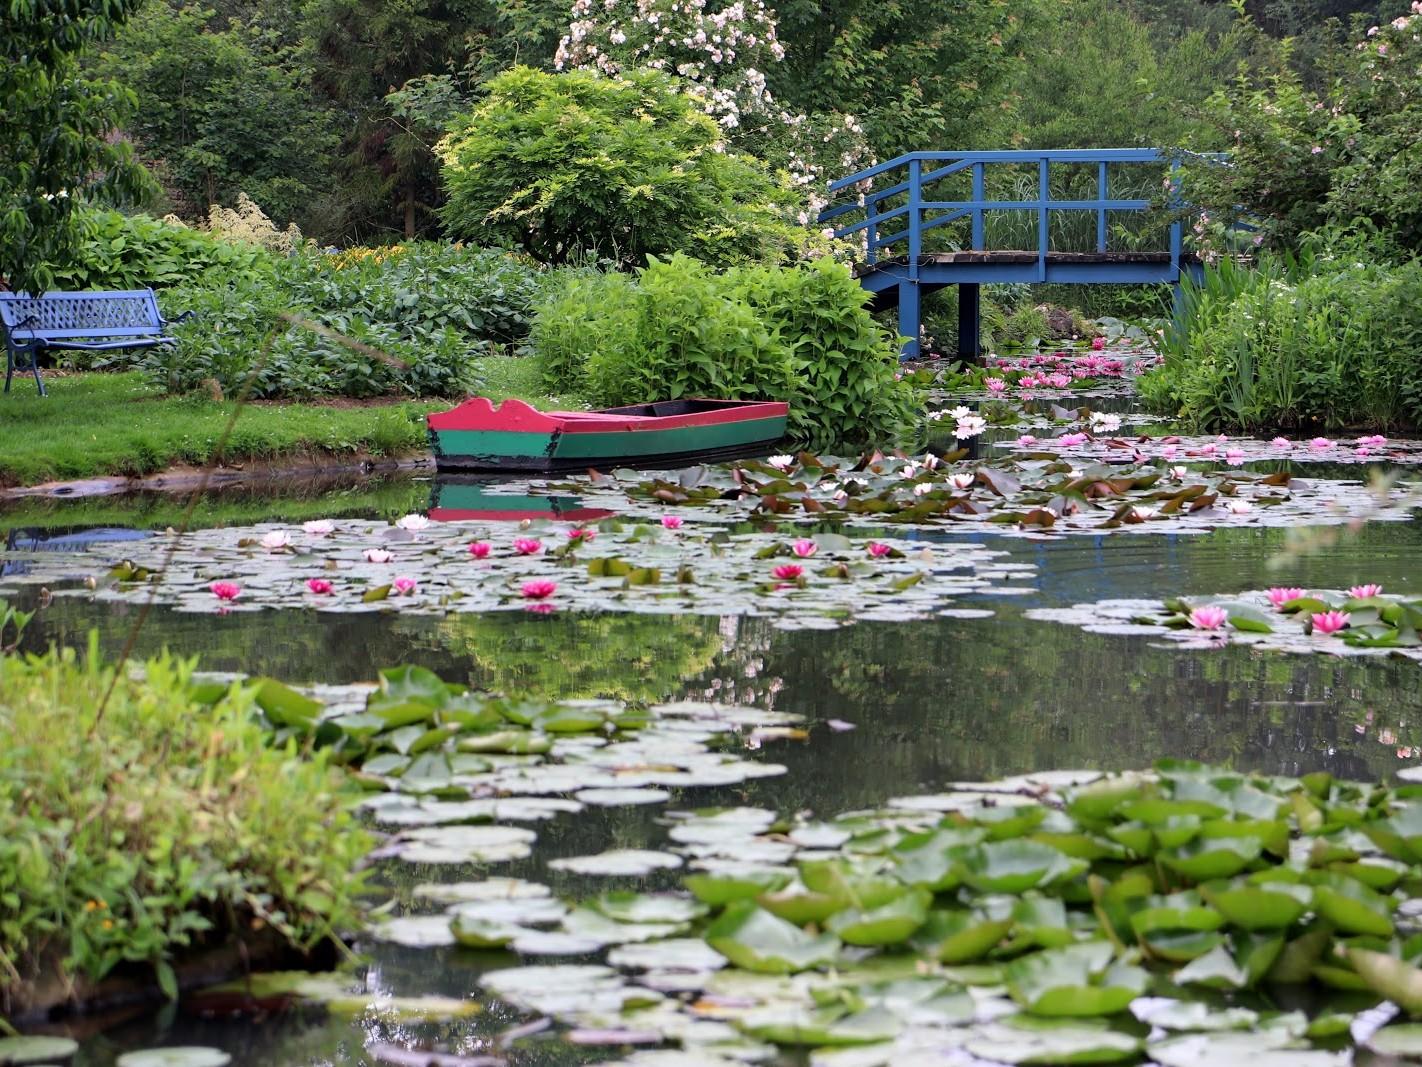 Jardin Andre Van Beek